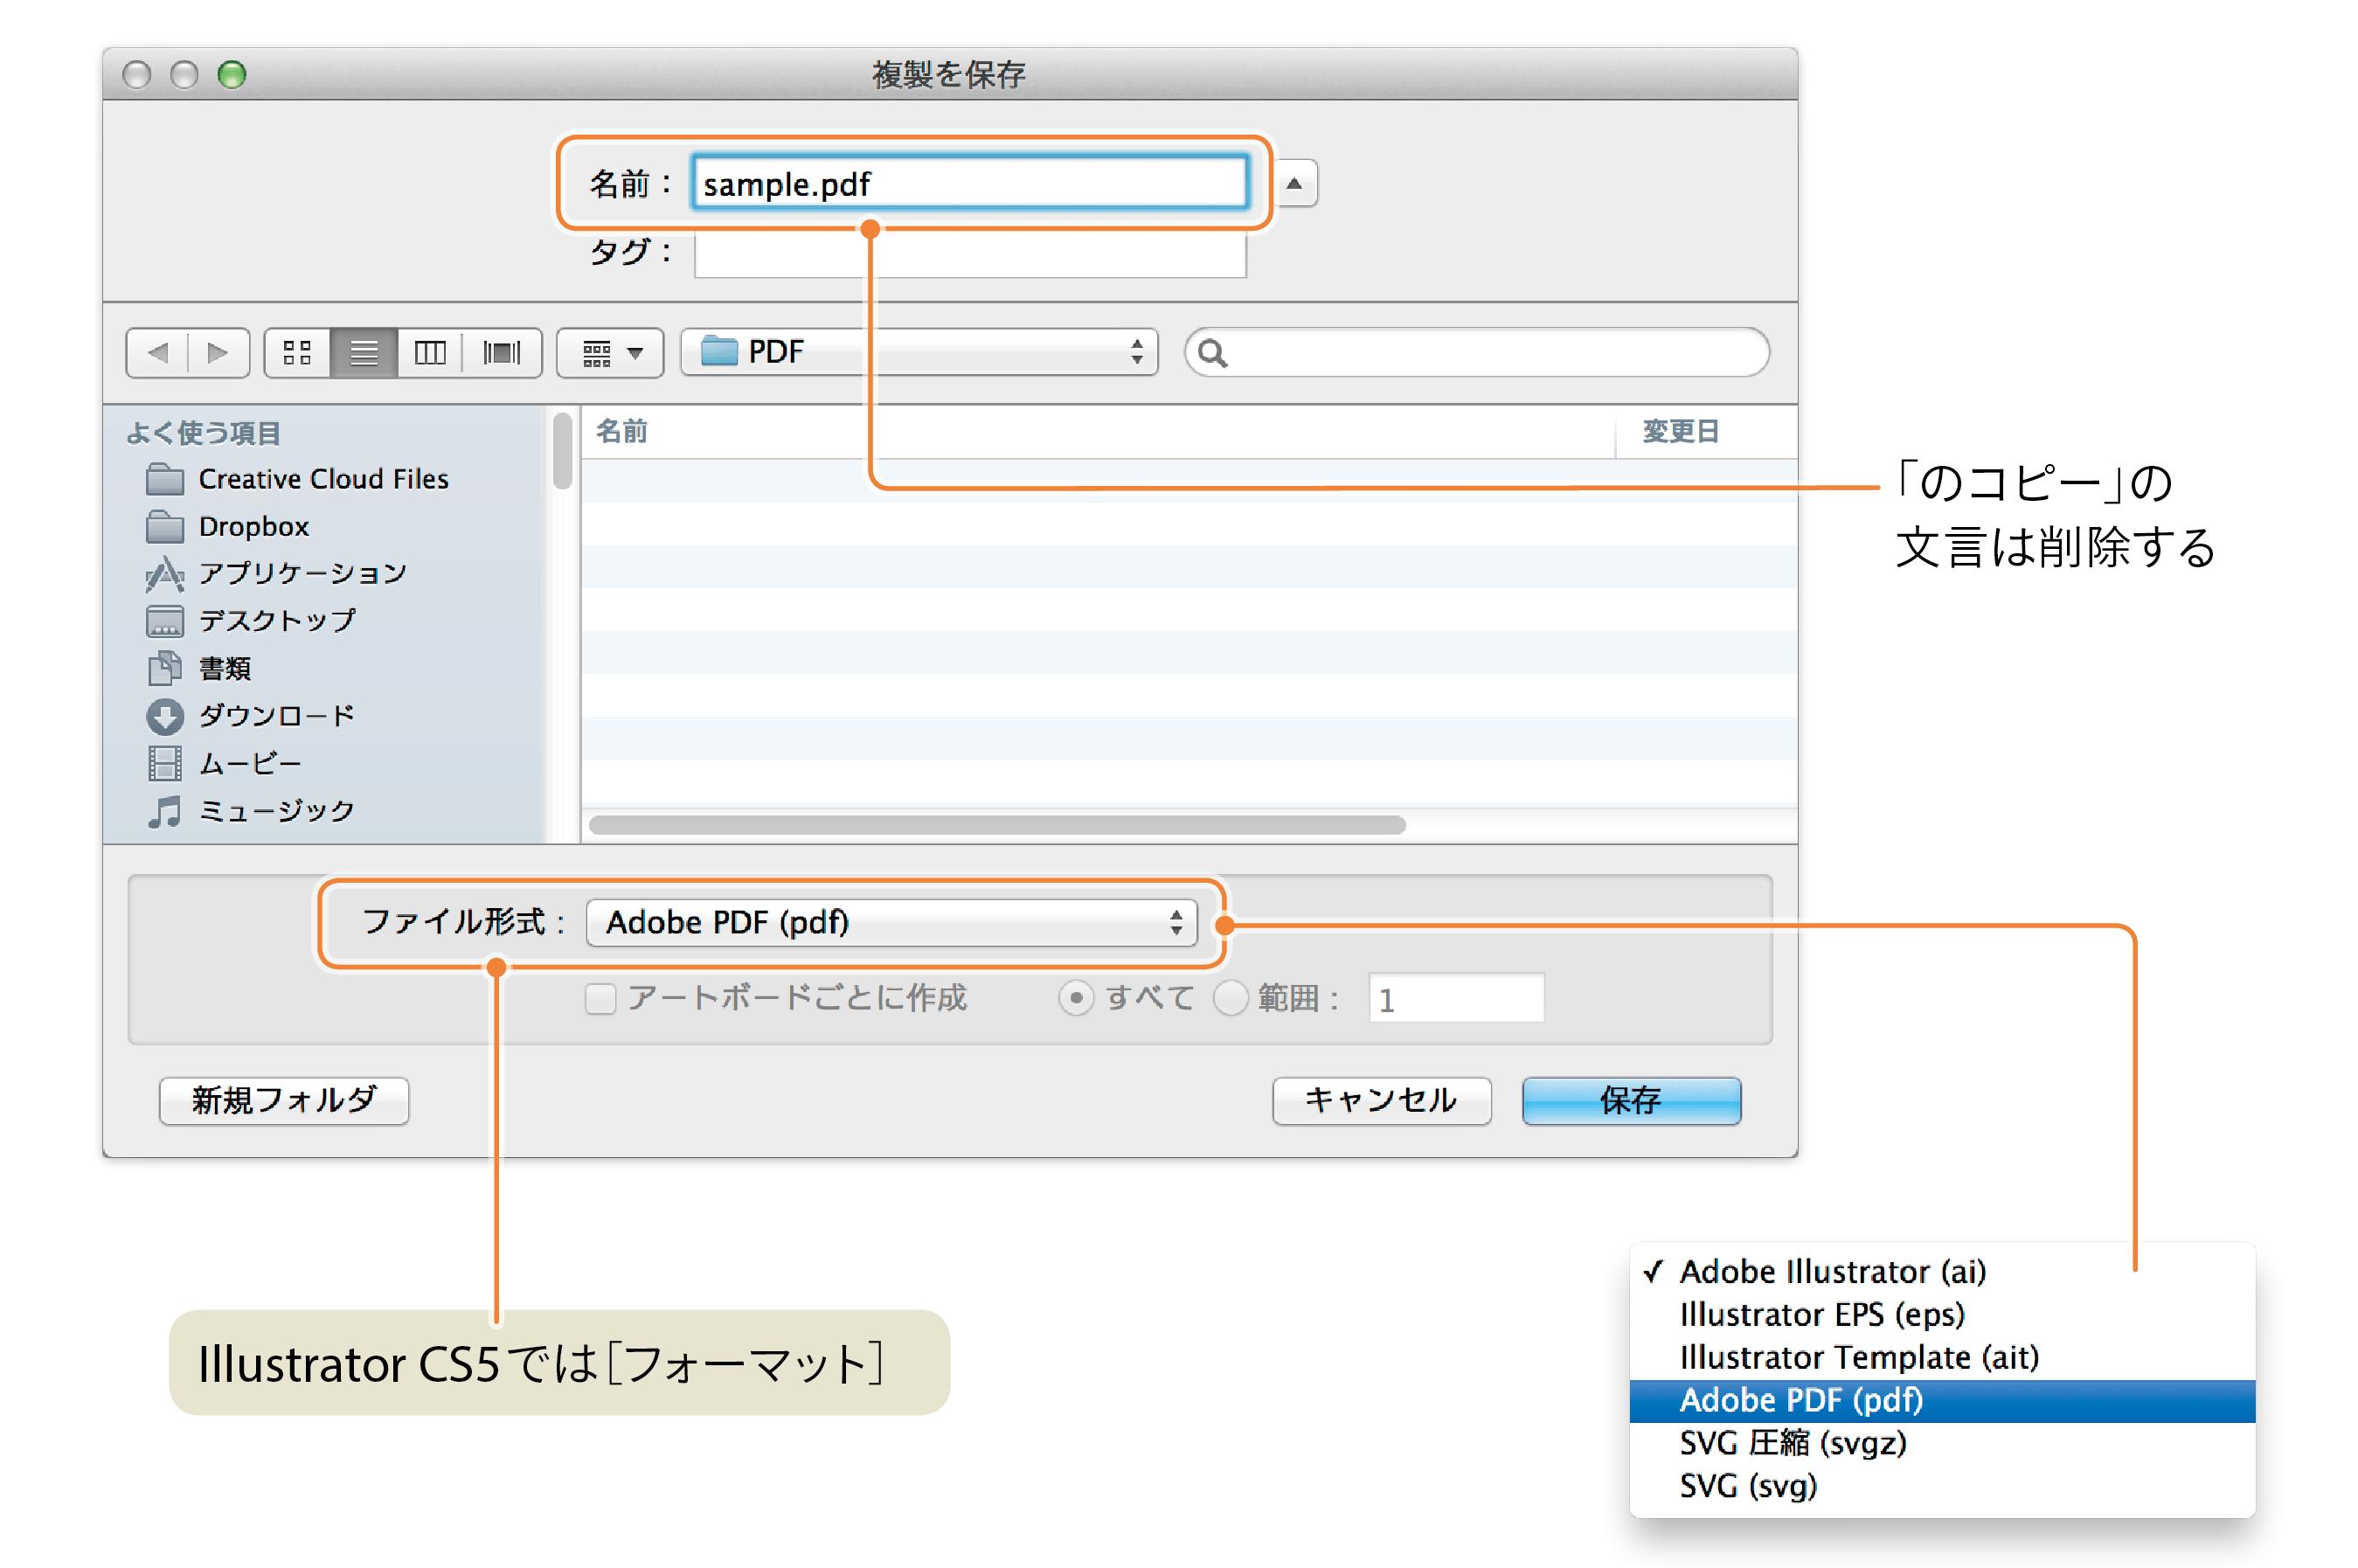 イラストレーター pdf プリセット 保存場所